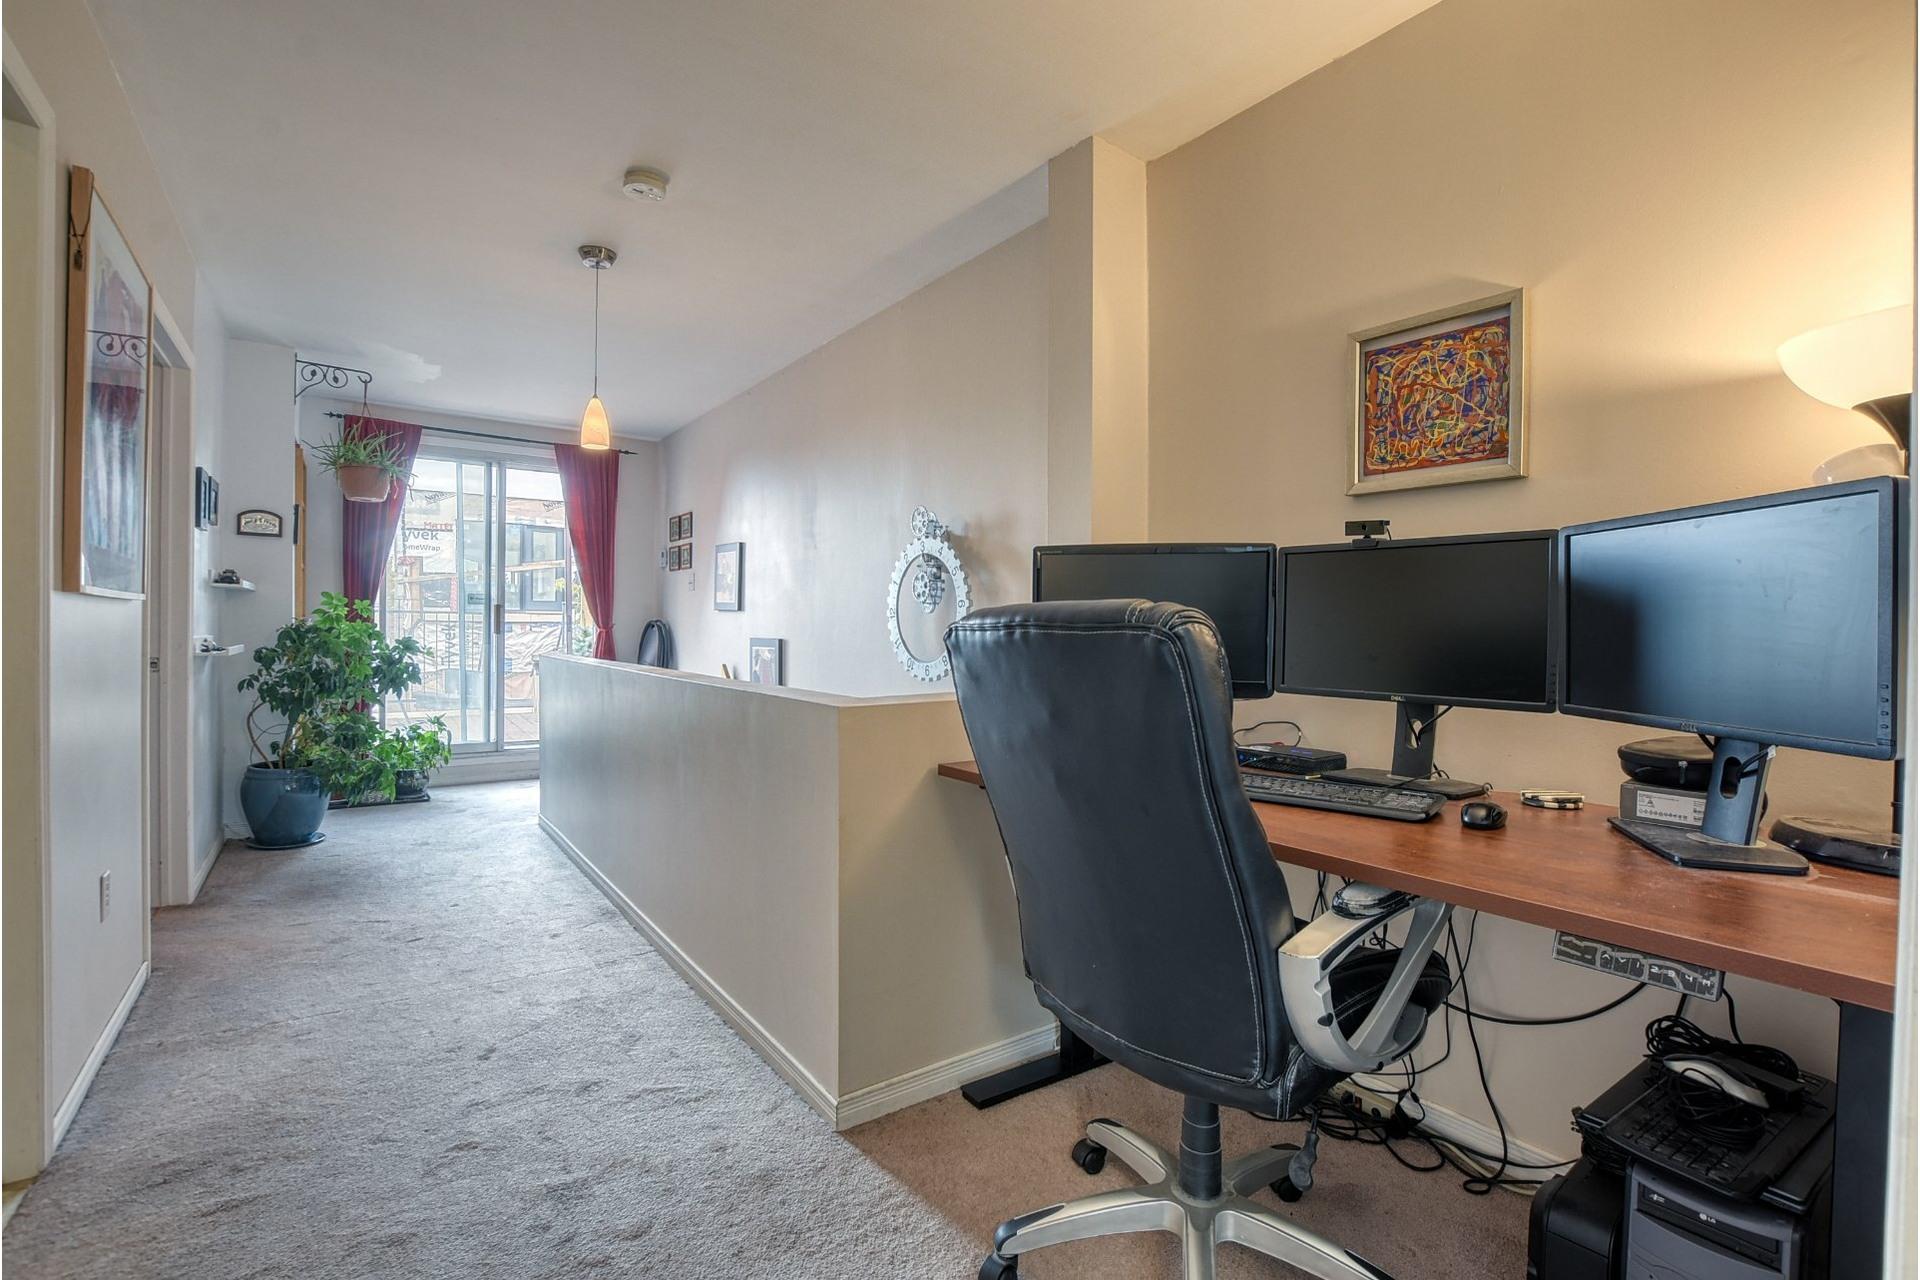 image 11 - Apartment For sale Le Plateau-Mont-Royal Montréal  - 5 rooms